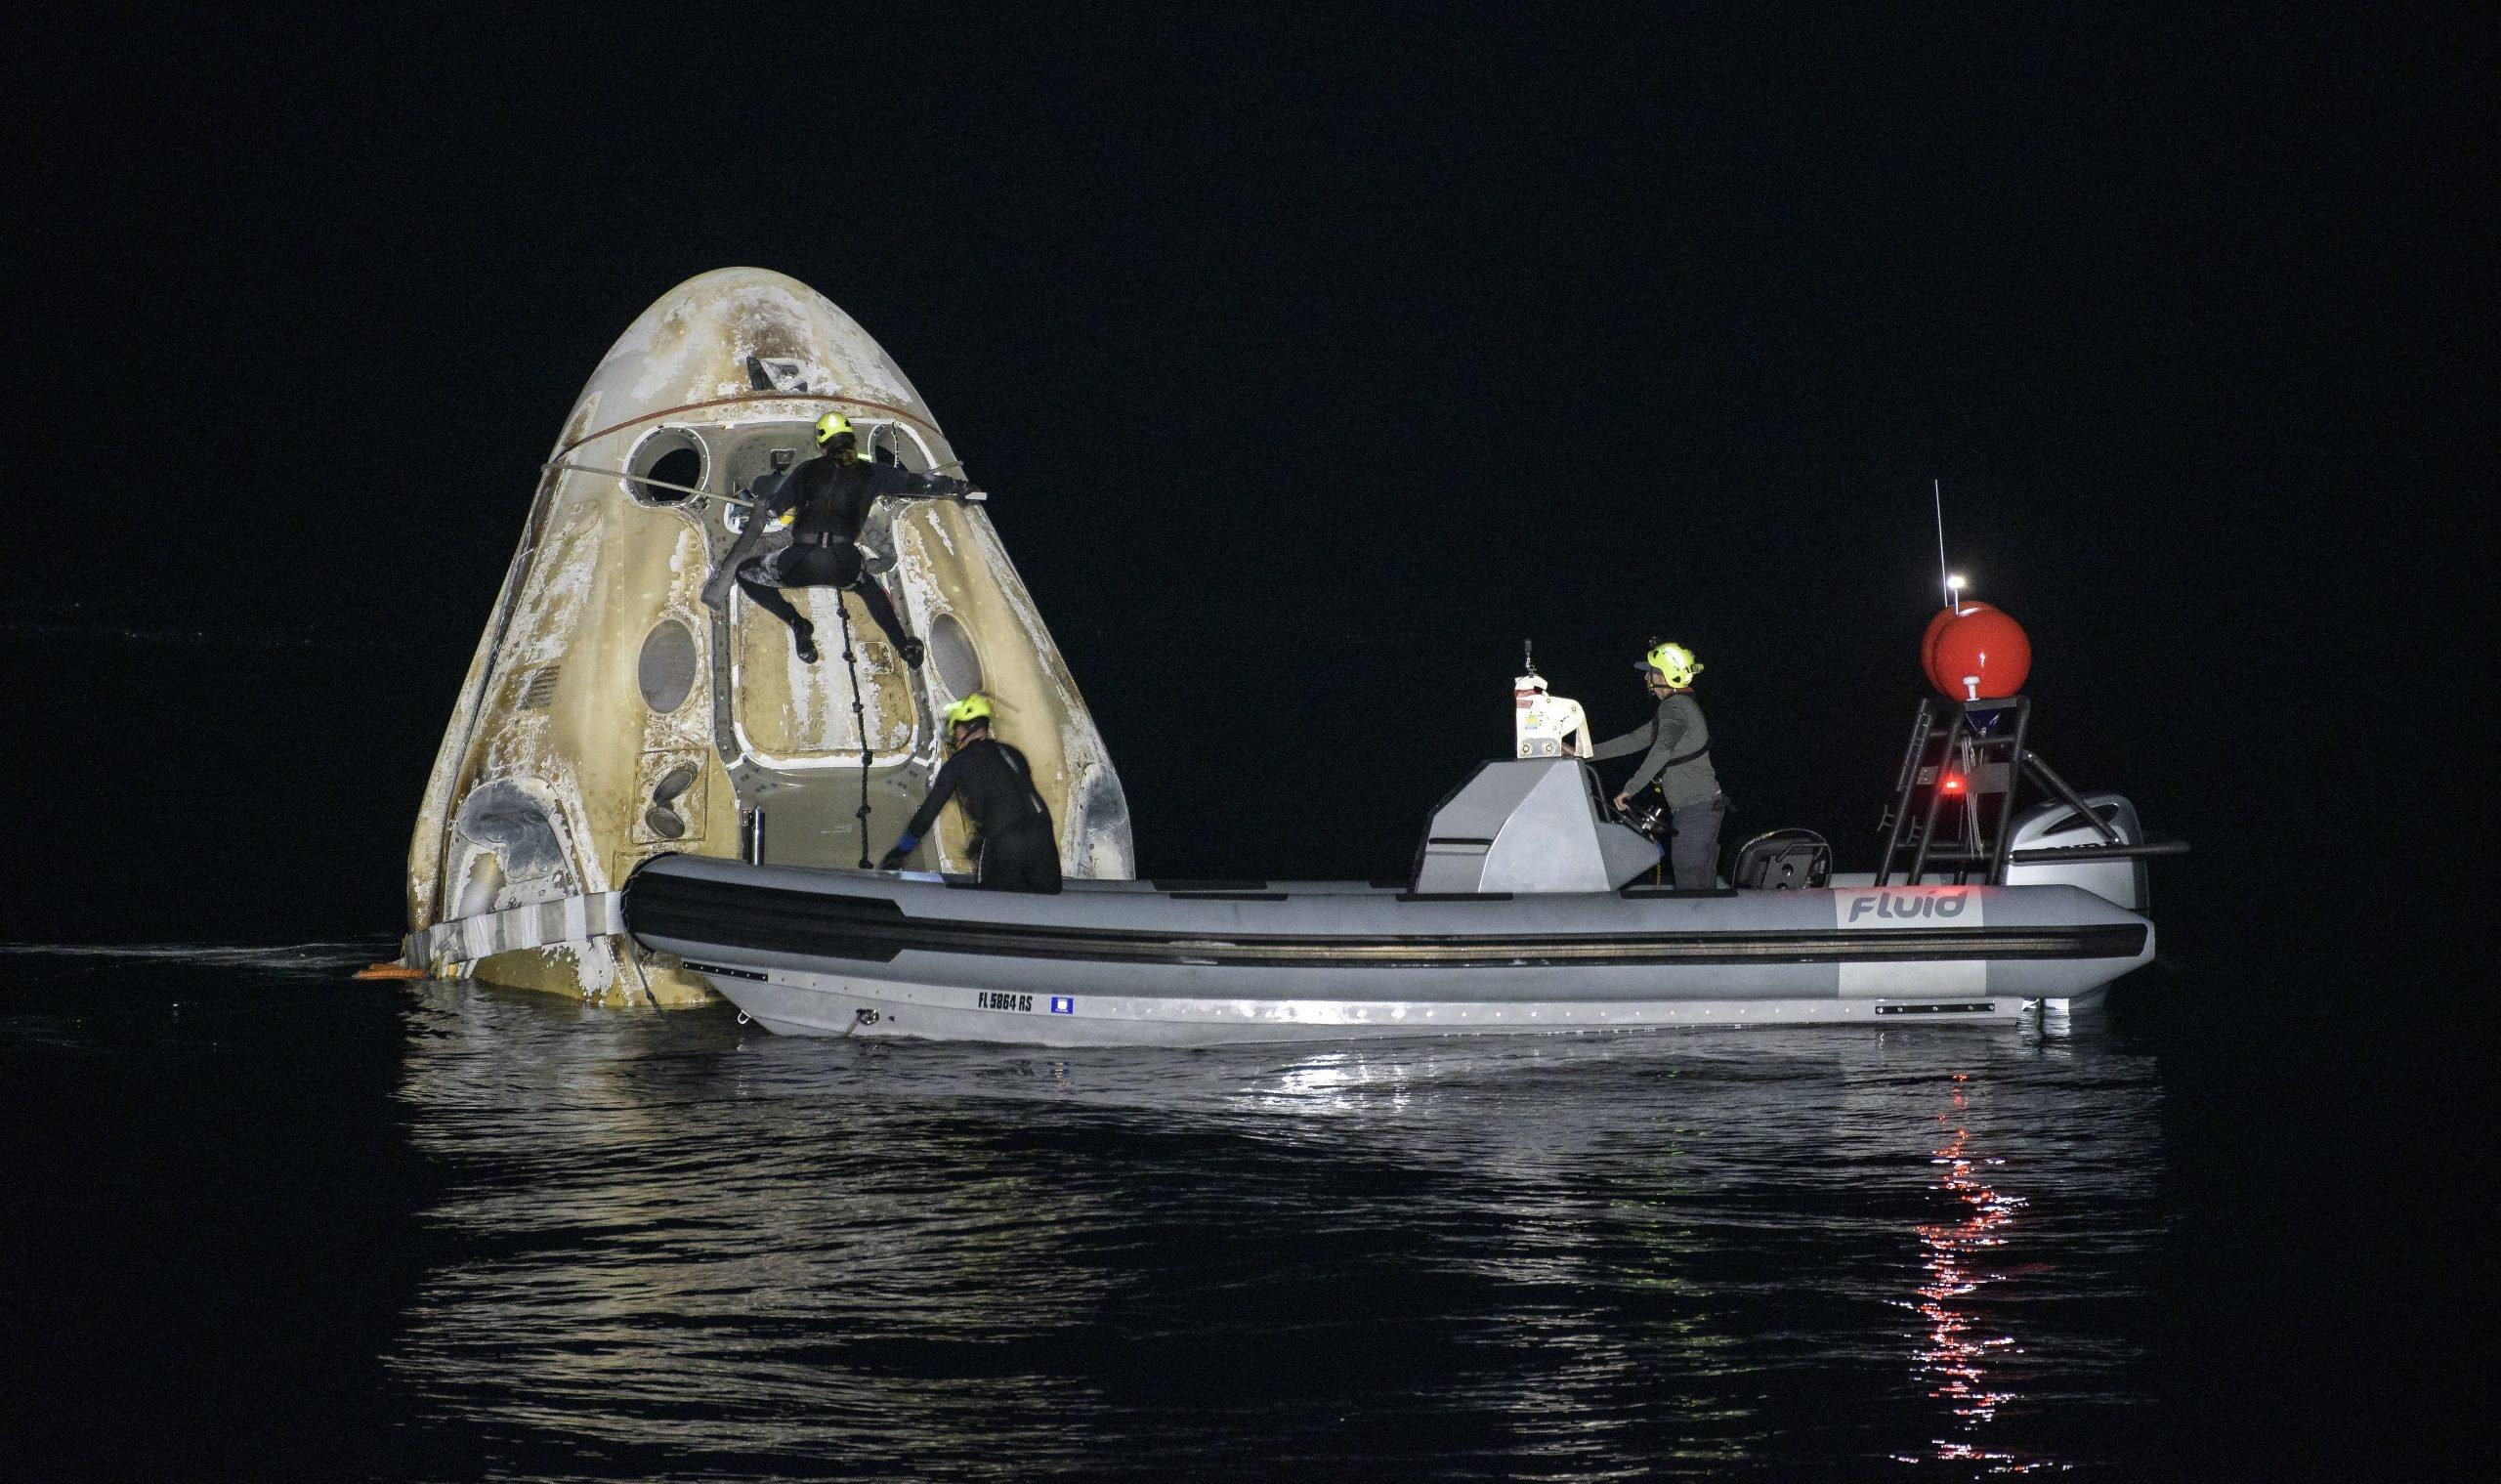 Fluid Recovery Boat - Nighttime Splashdown